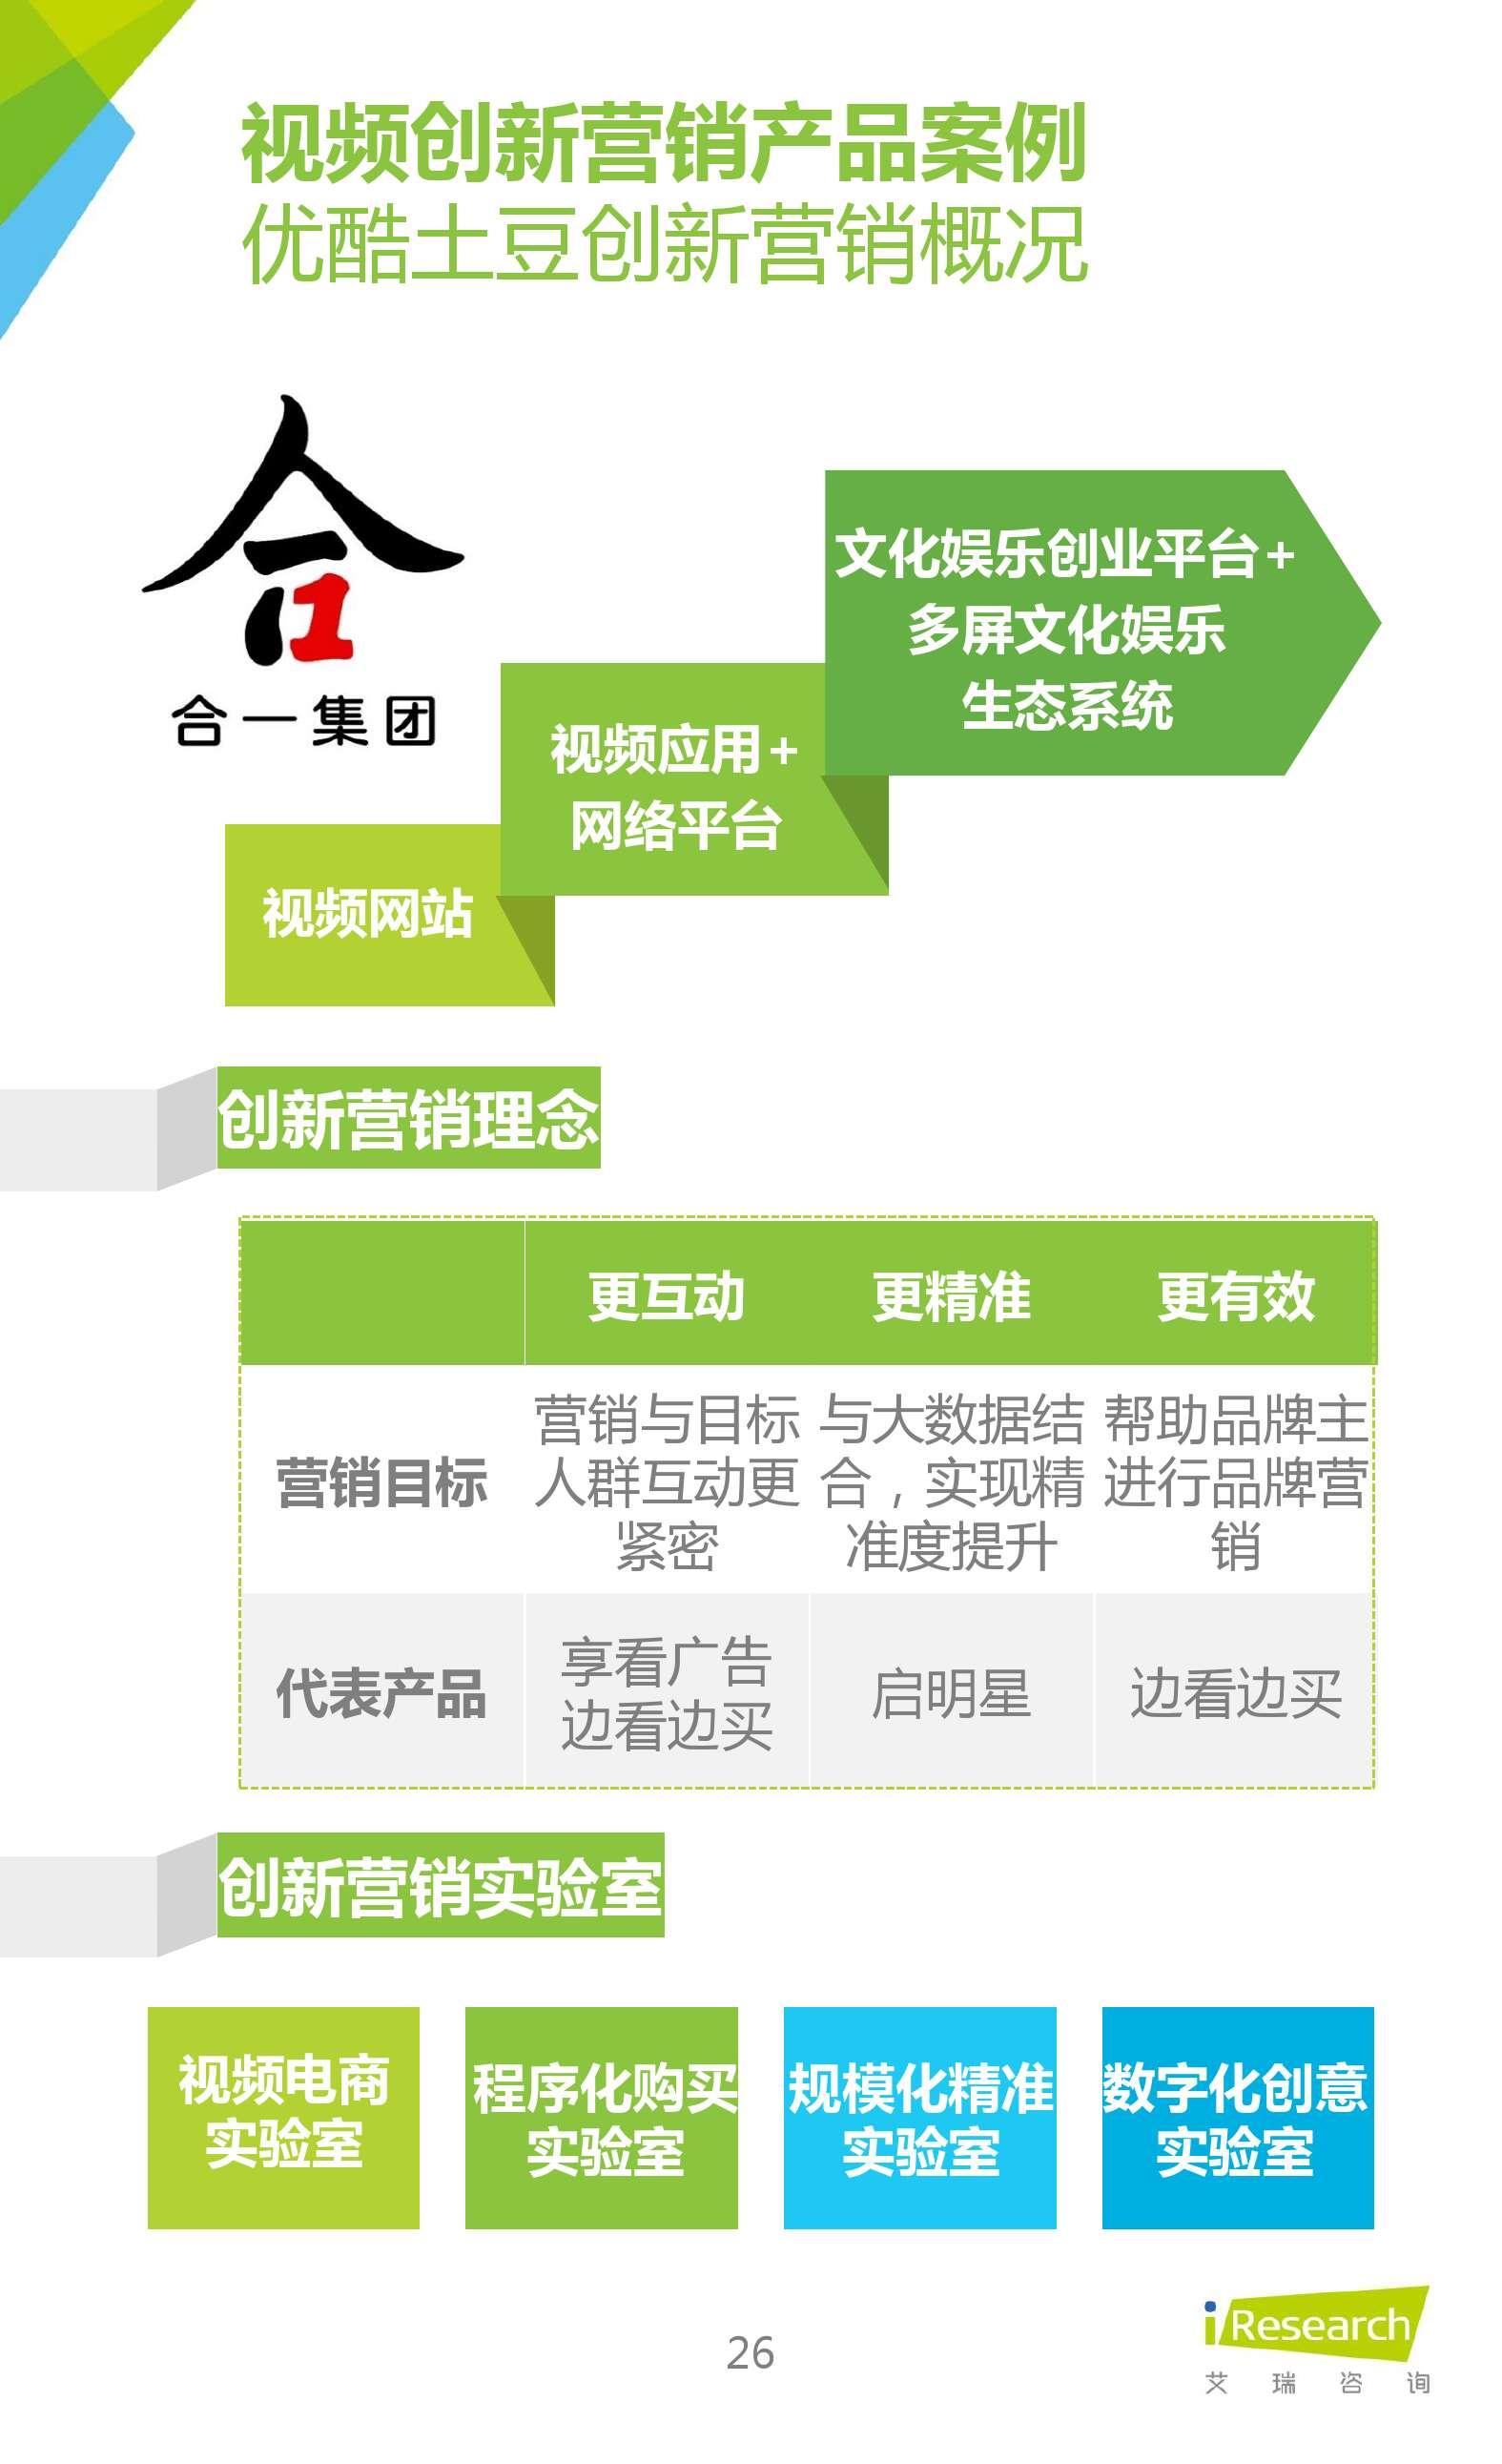 2016年中国在线视频企业创新营销研究_000026